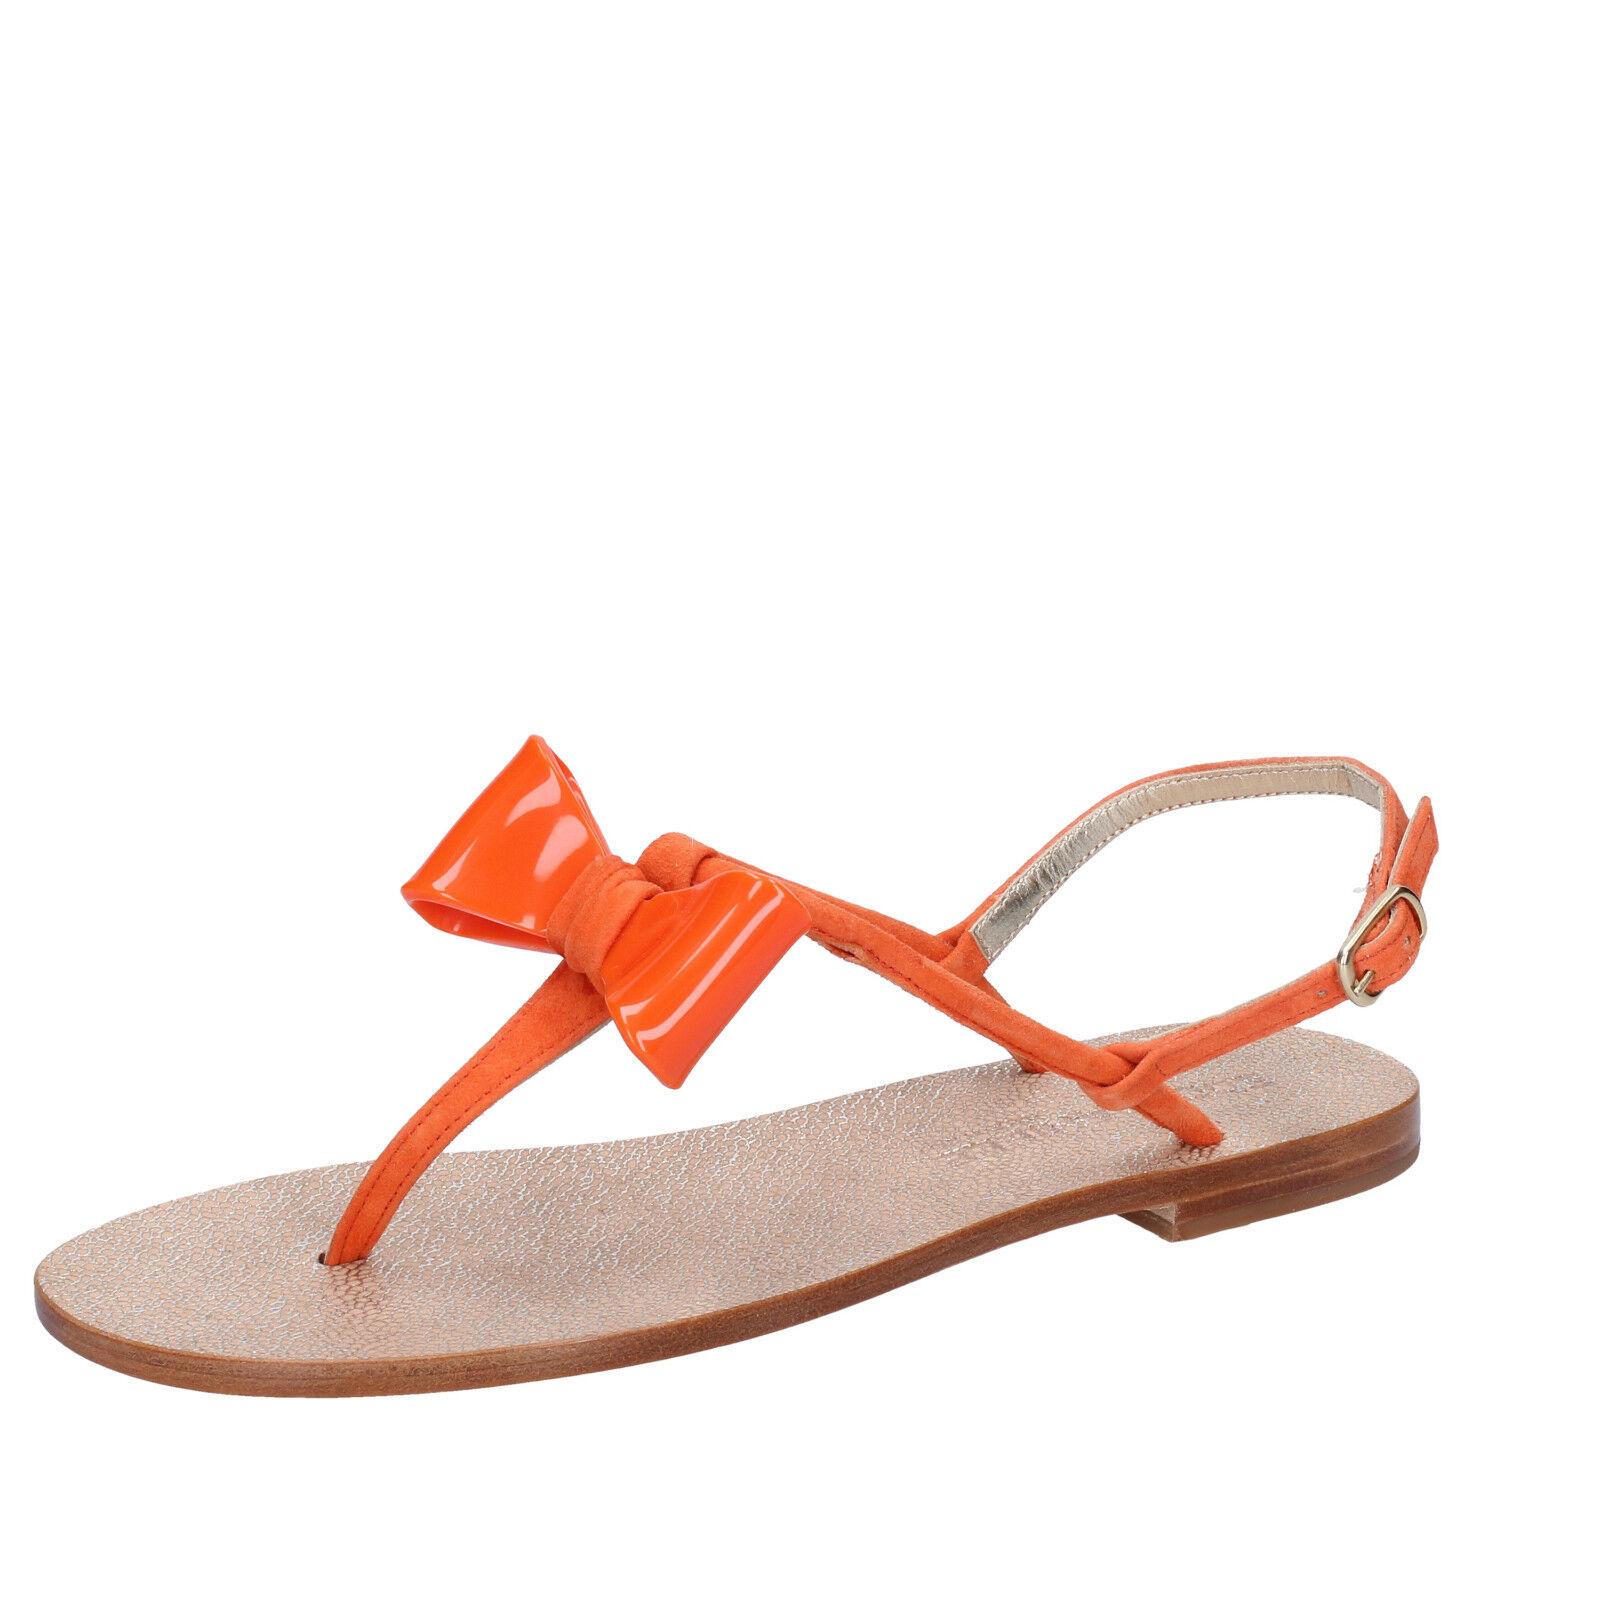 Damen schuhe EDDY DANIELE 37 EU sandalen orange wildleder AW215-37